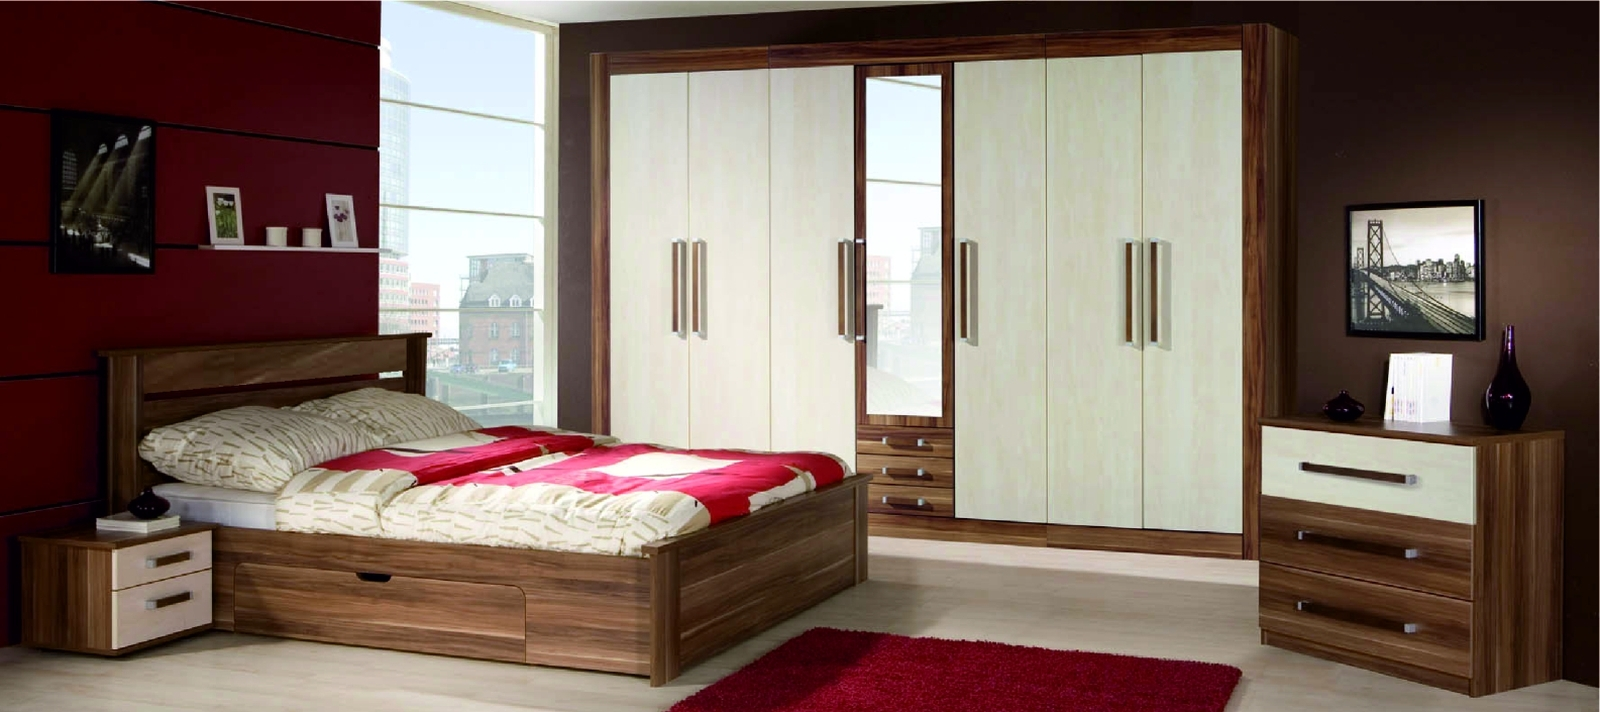 4f52f9c91f5e9 Manželská posteľ 180 cm Royal RY 52 (s úl. priestorom) *výpredaj ...